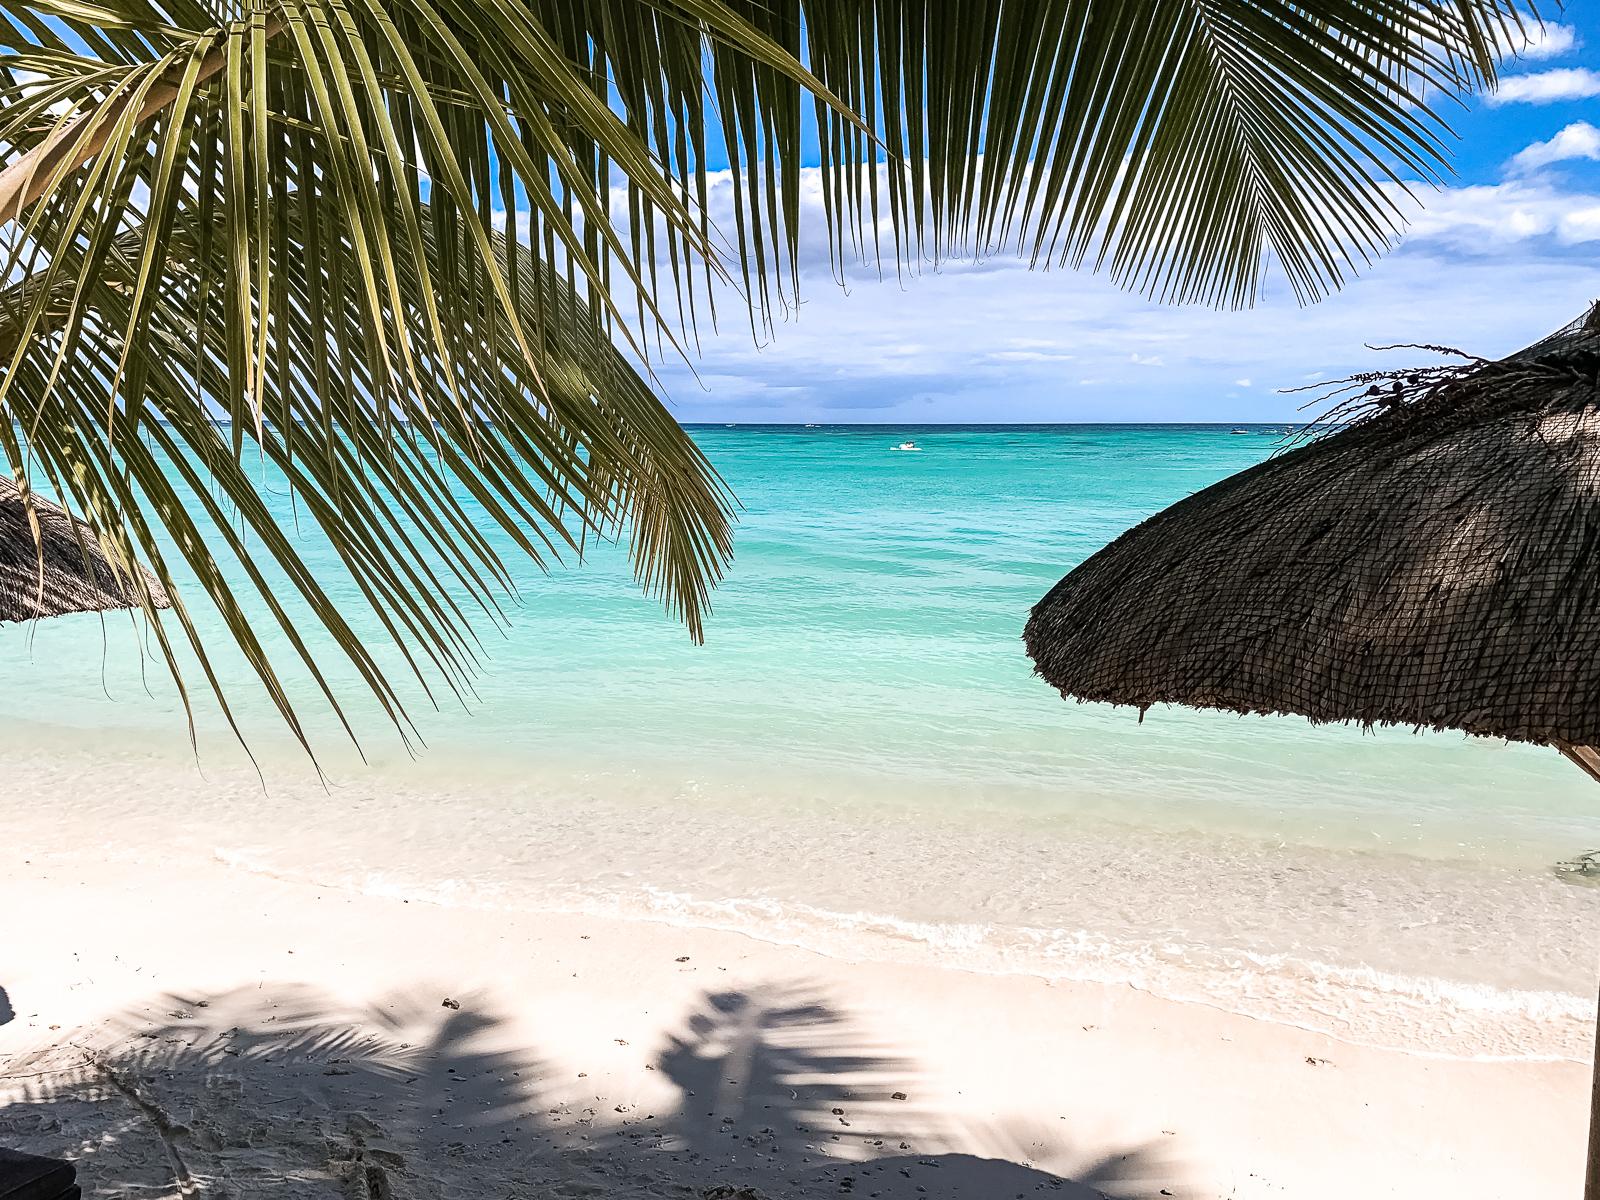 Mauritius Reisebericht - Wissenswertes und Highlights der Trauminsel - Mauritius Reise - Mauritius Sehenswürdigkeiten - Mauritius Flitterwochen - Traumreise - Paradies - schönste Insel - Traumurlaub -Tipps für Mauritius - Mauritus Reiseführer - Mauritius Travel Guide - Trou aux Biches Beach - Fashionladyloves by Tamara